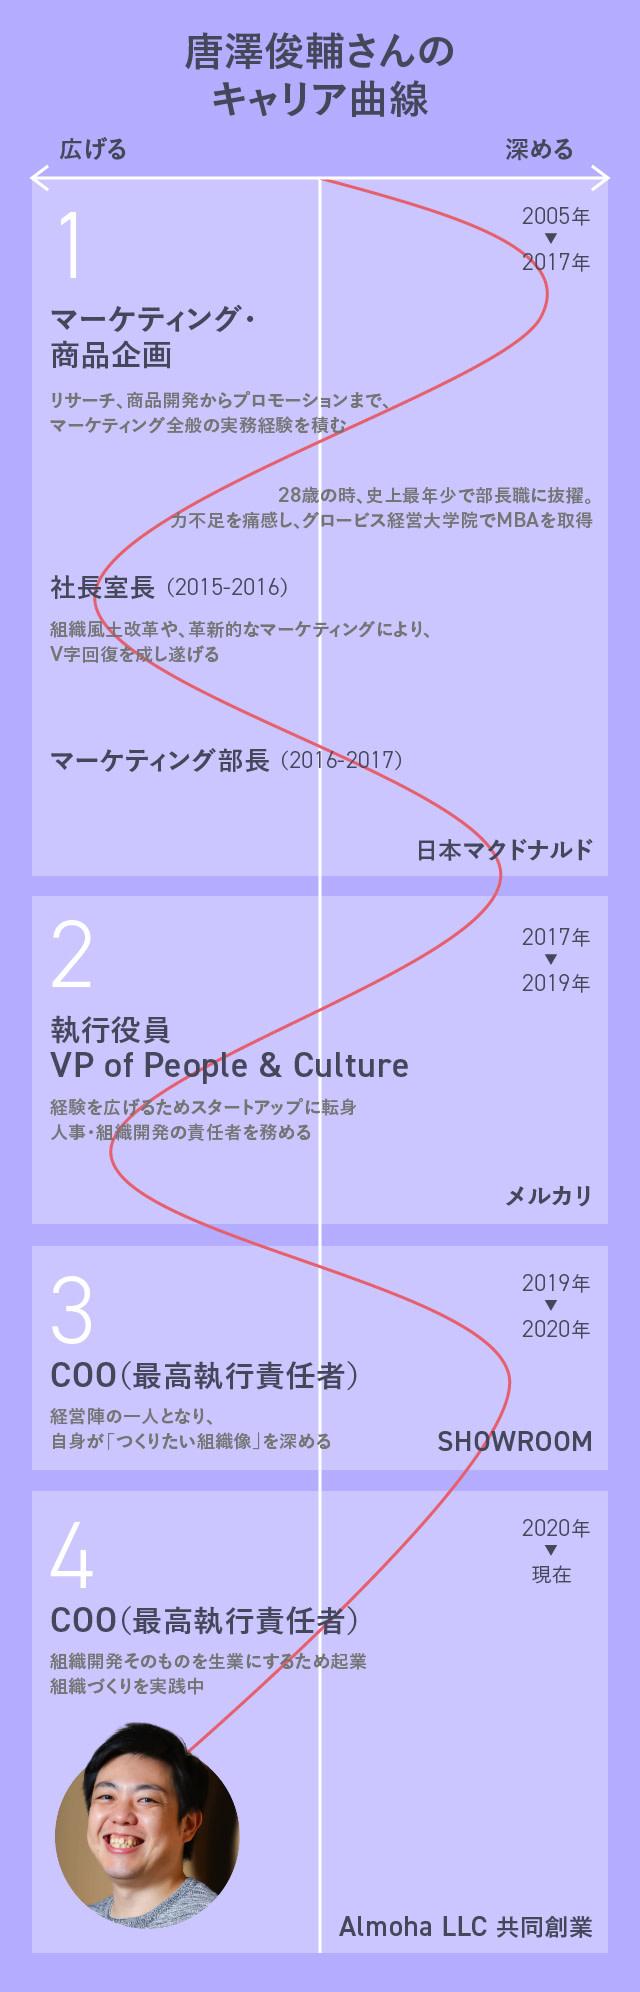 唐澤俊輔さんのキャリア曲線